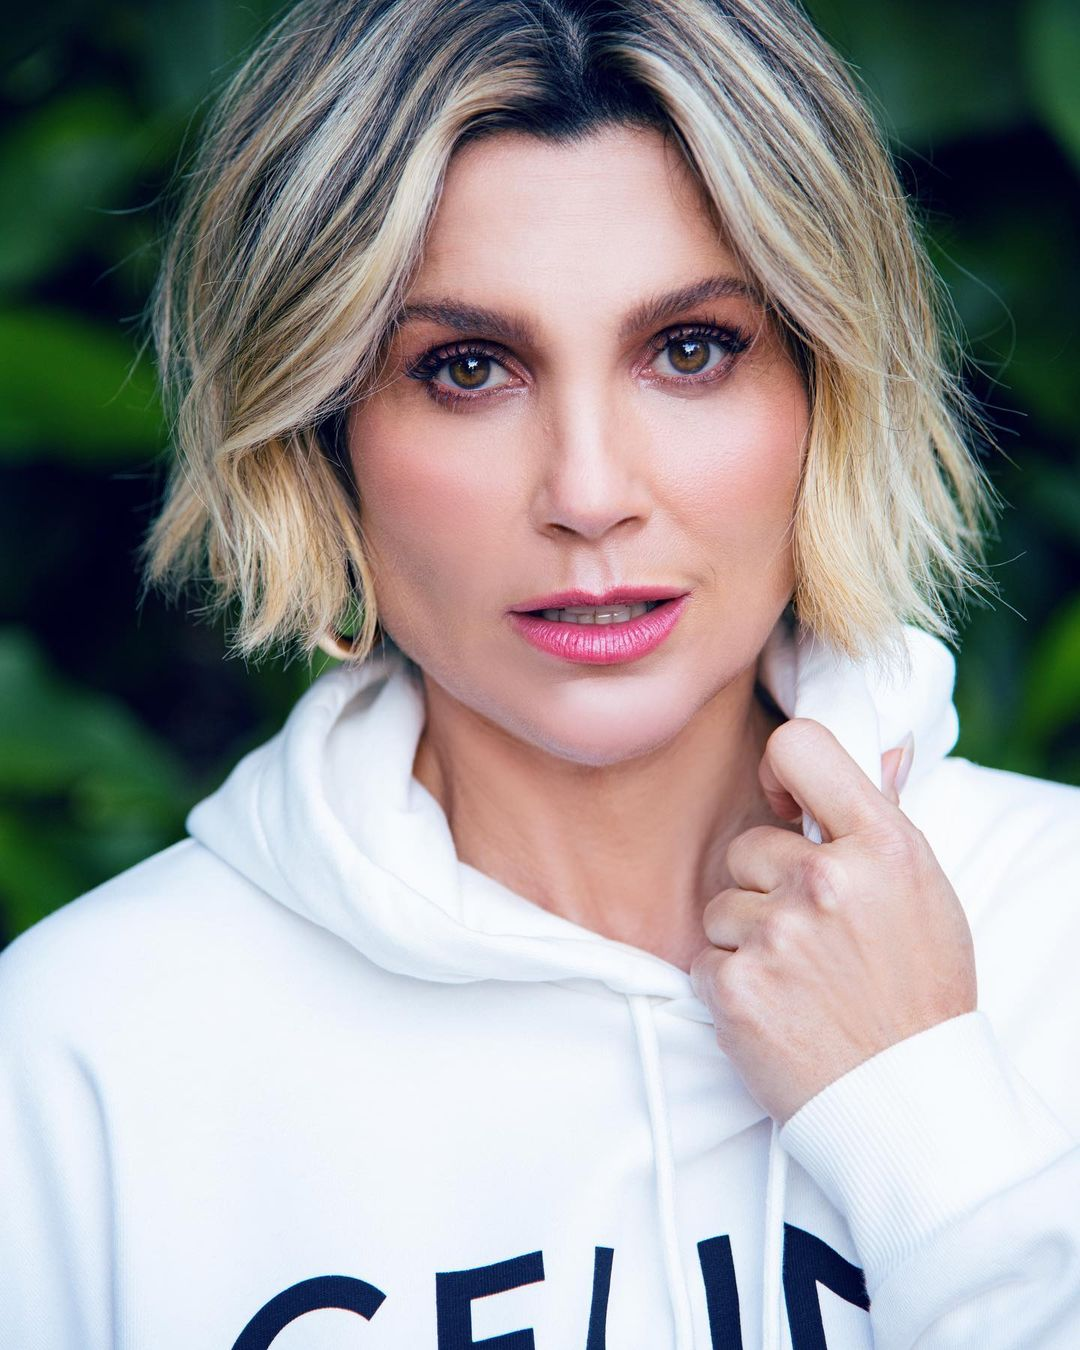 Flávia Alessandra, estreou na Globo aos 15 anos, e ainda hoje segue sendo uma das grandes estrelas da emissora. A atriz teve seu contratado renovado até 2025. (Foto: Instagram)